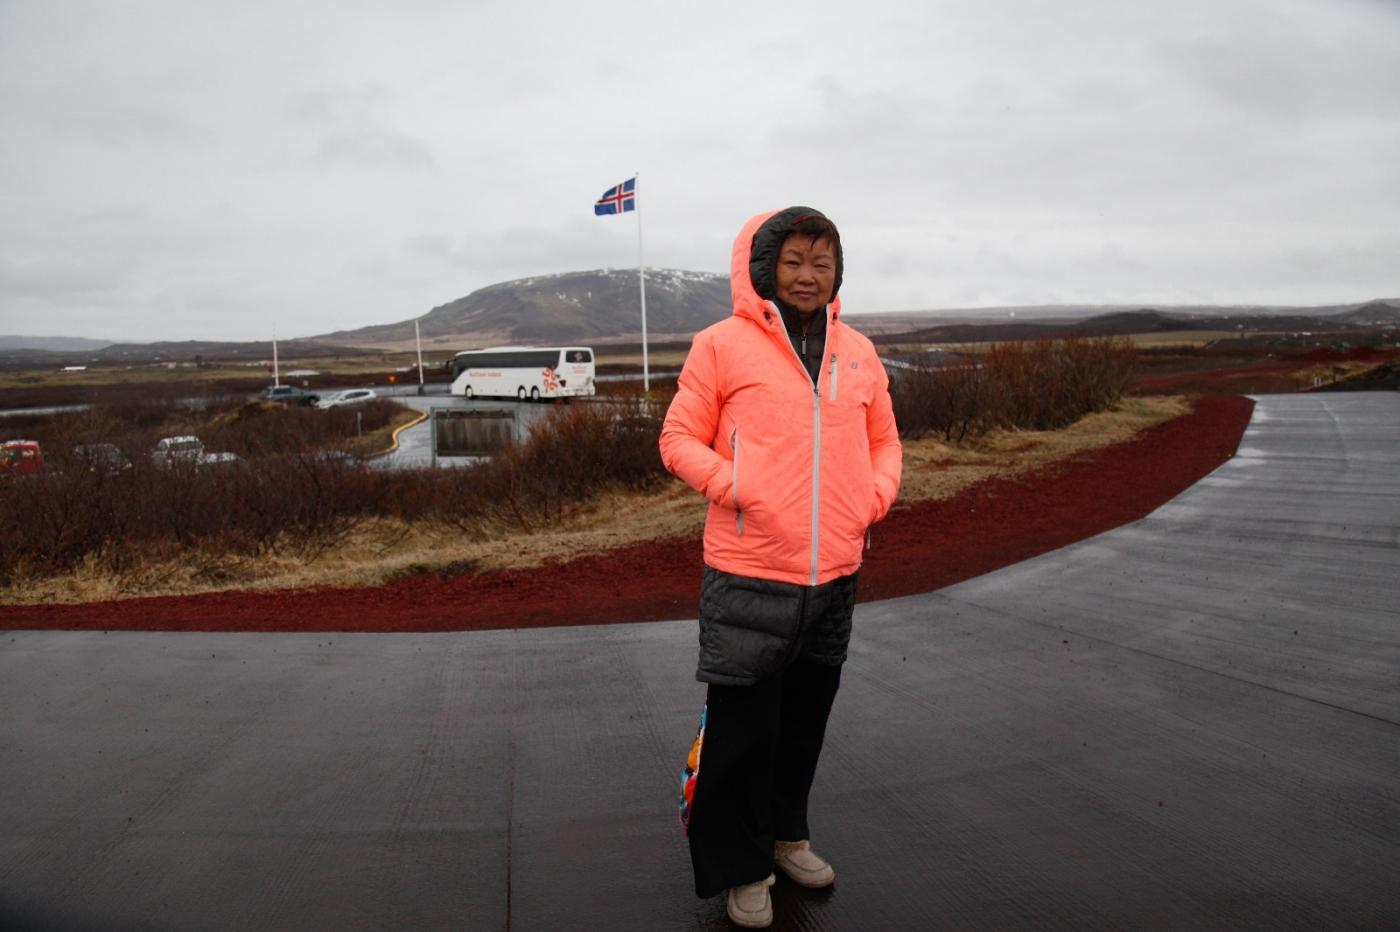 冰岛热带温泉美景,游客流连忘返_图1-5